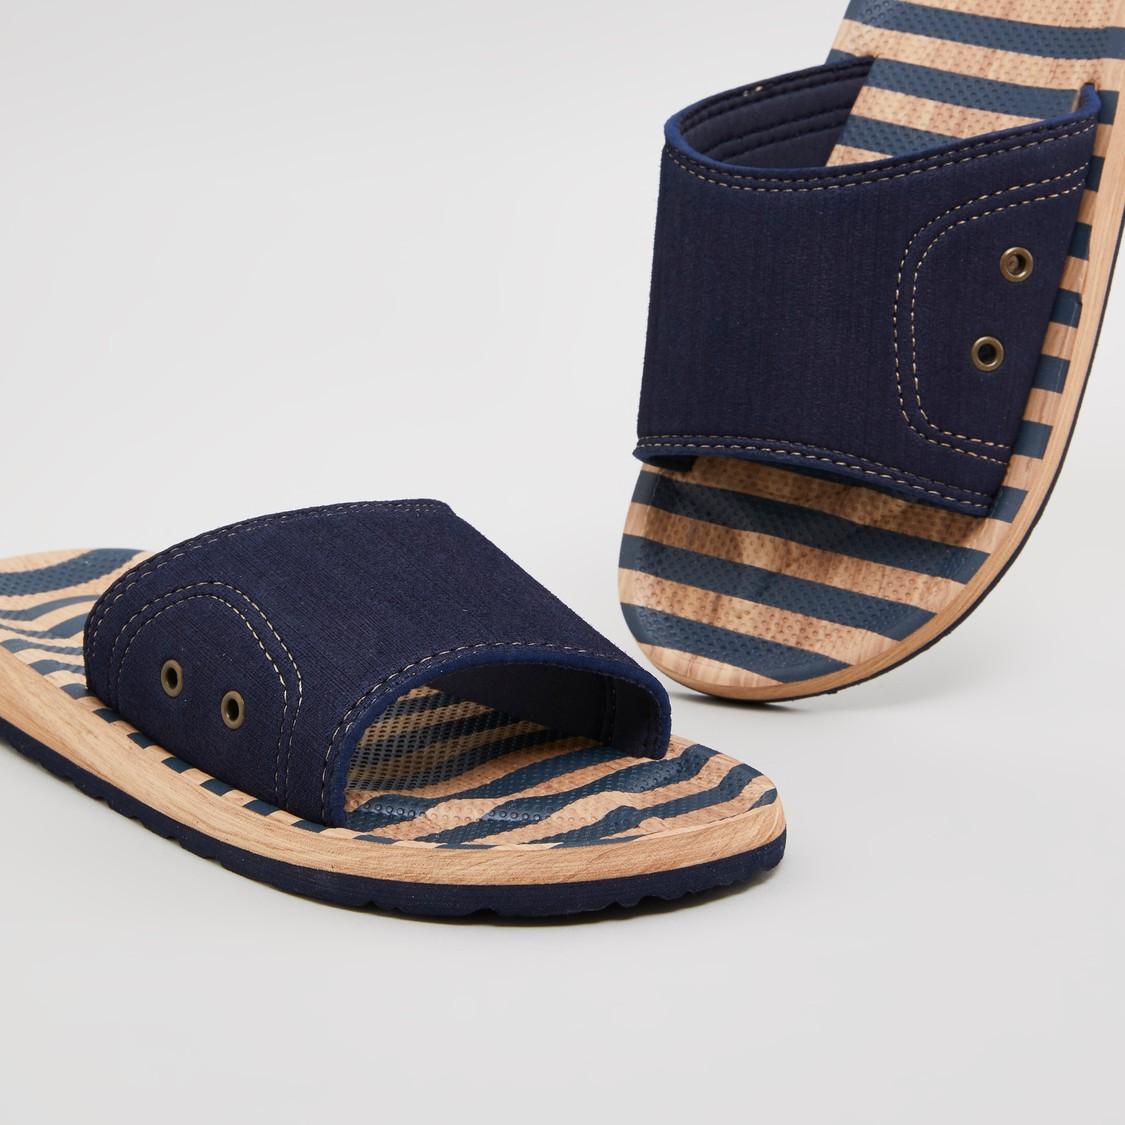 حذاء خفيف بارز الملمس بحلقات تثبيت صغيرة